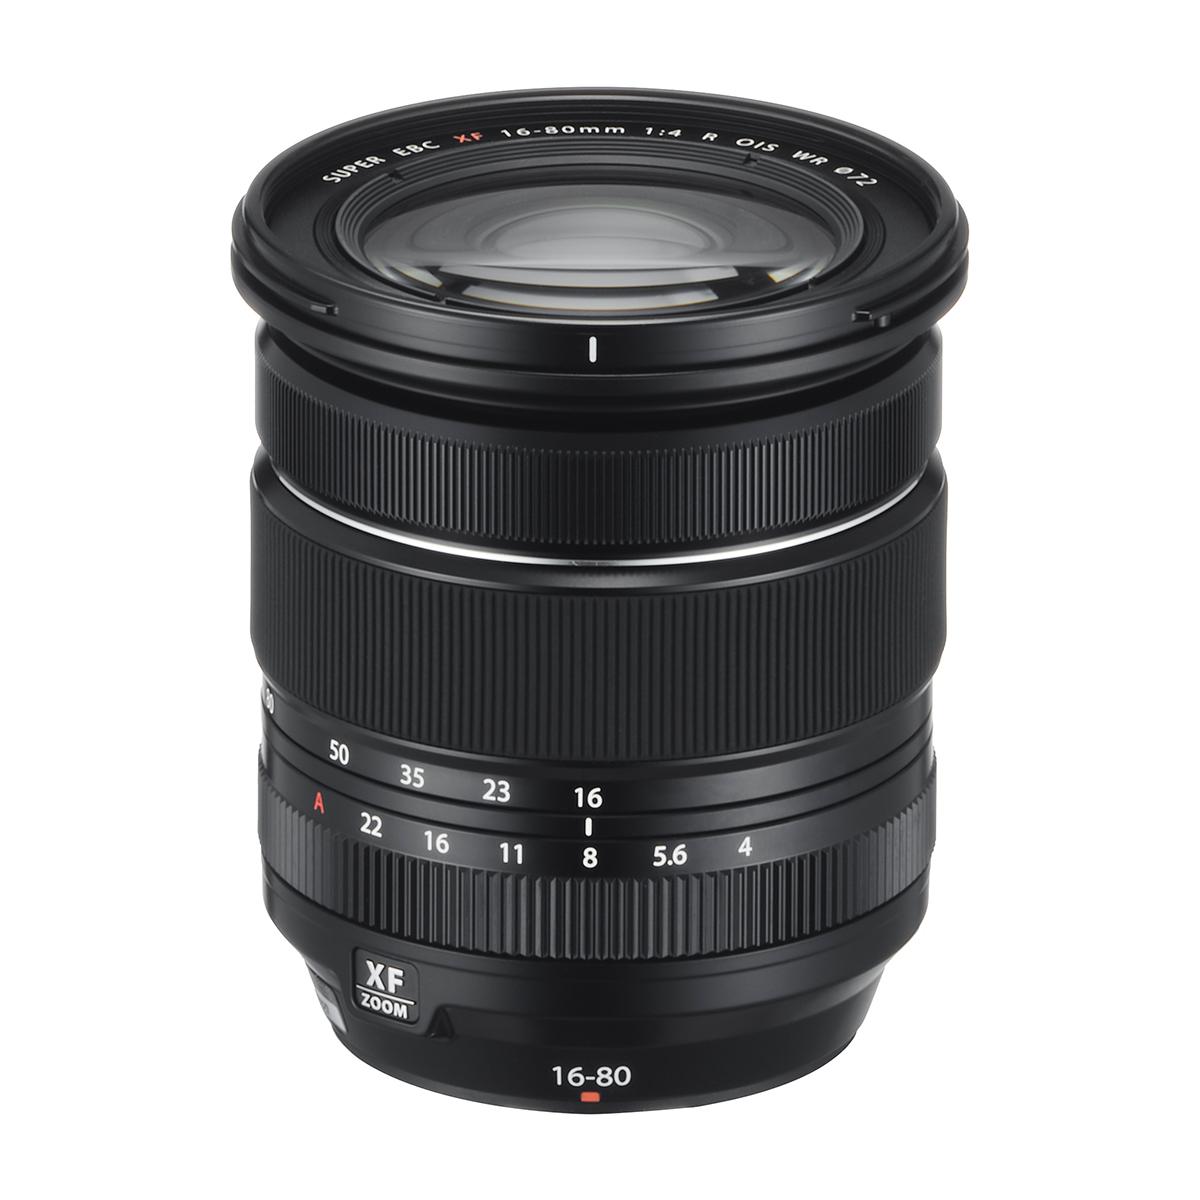 Fujifilm announces XF 16-80 F4 OIS WR & GF 45mm F3.5 Lenses R LM WR